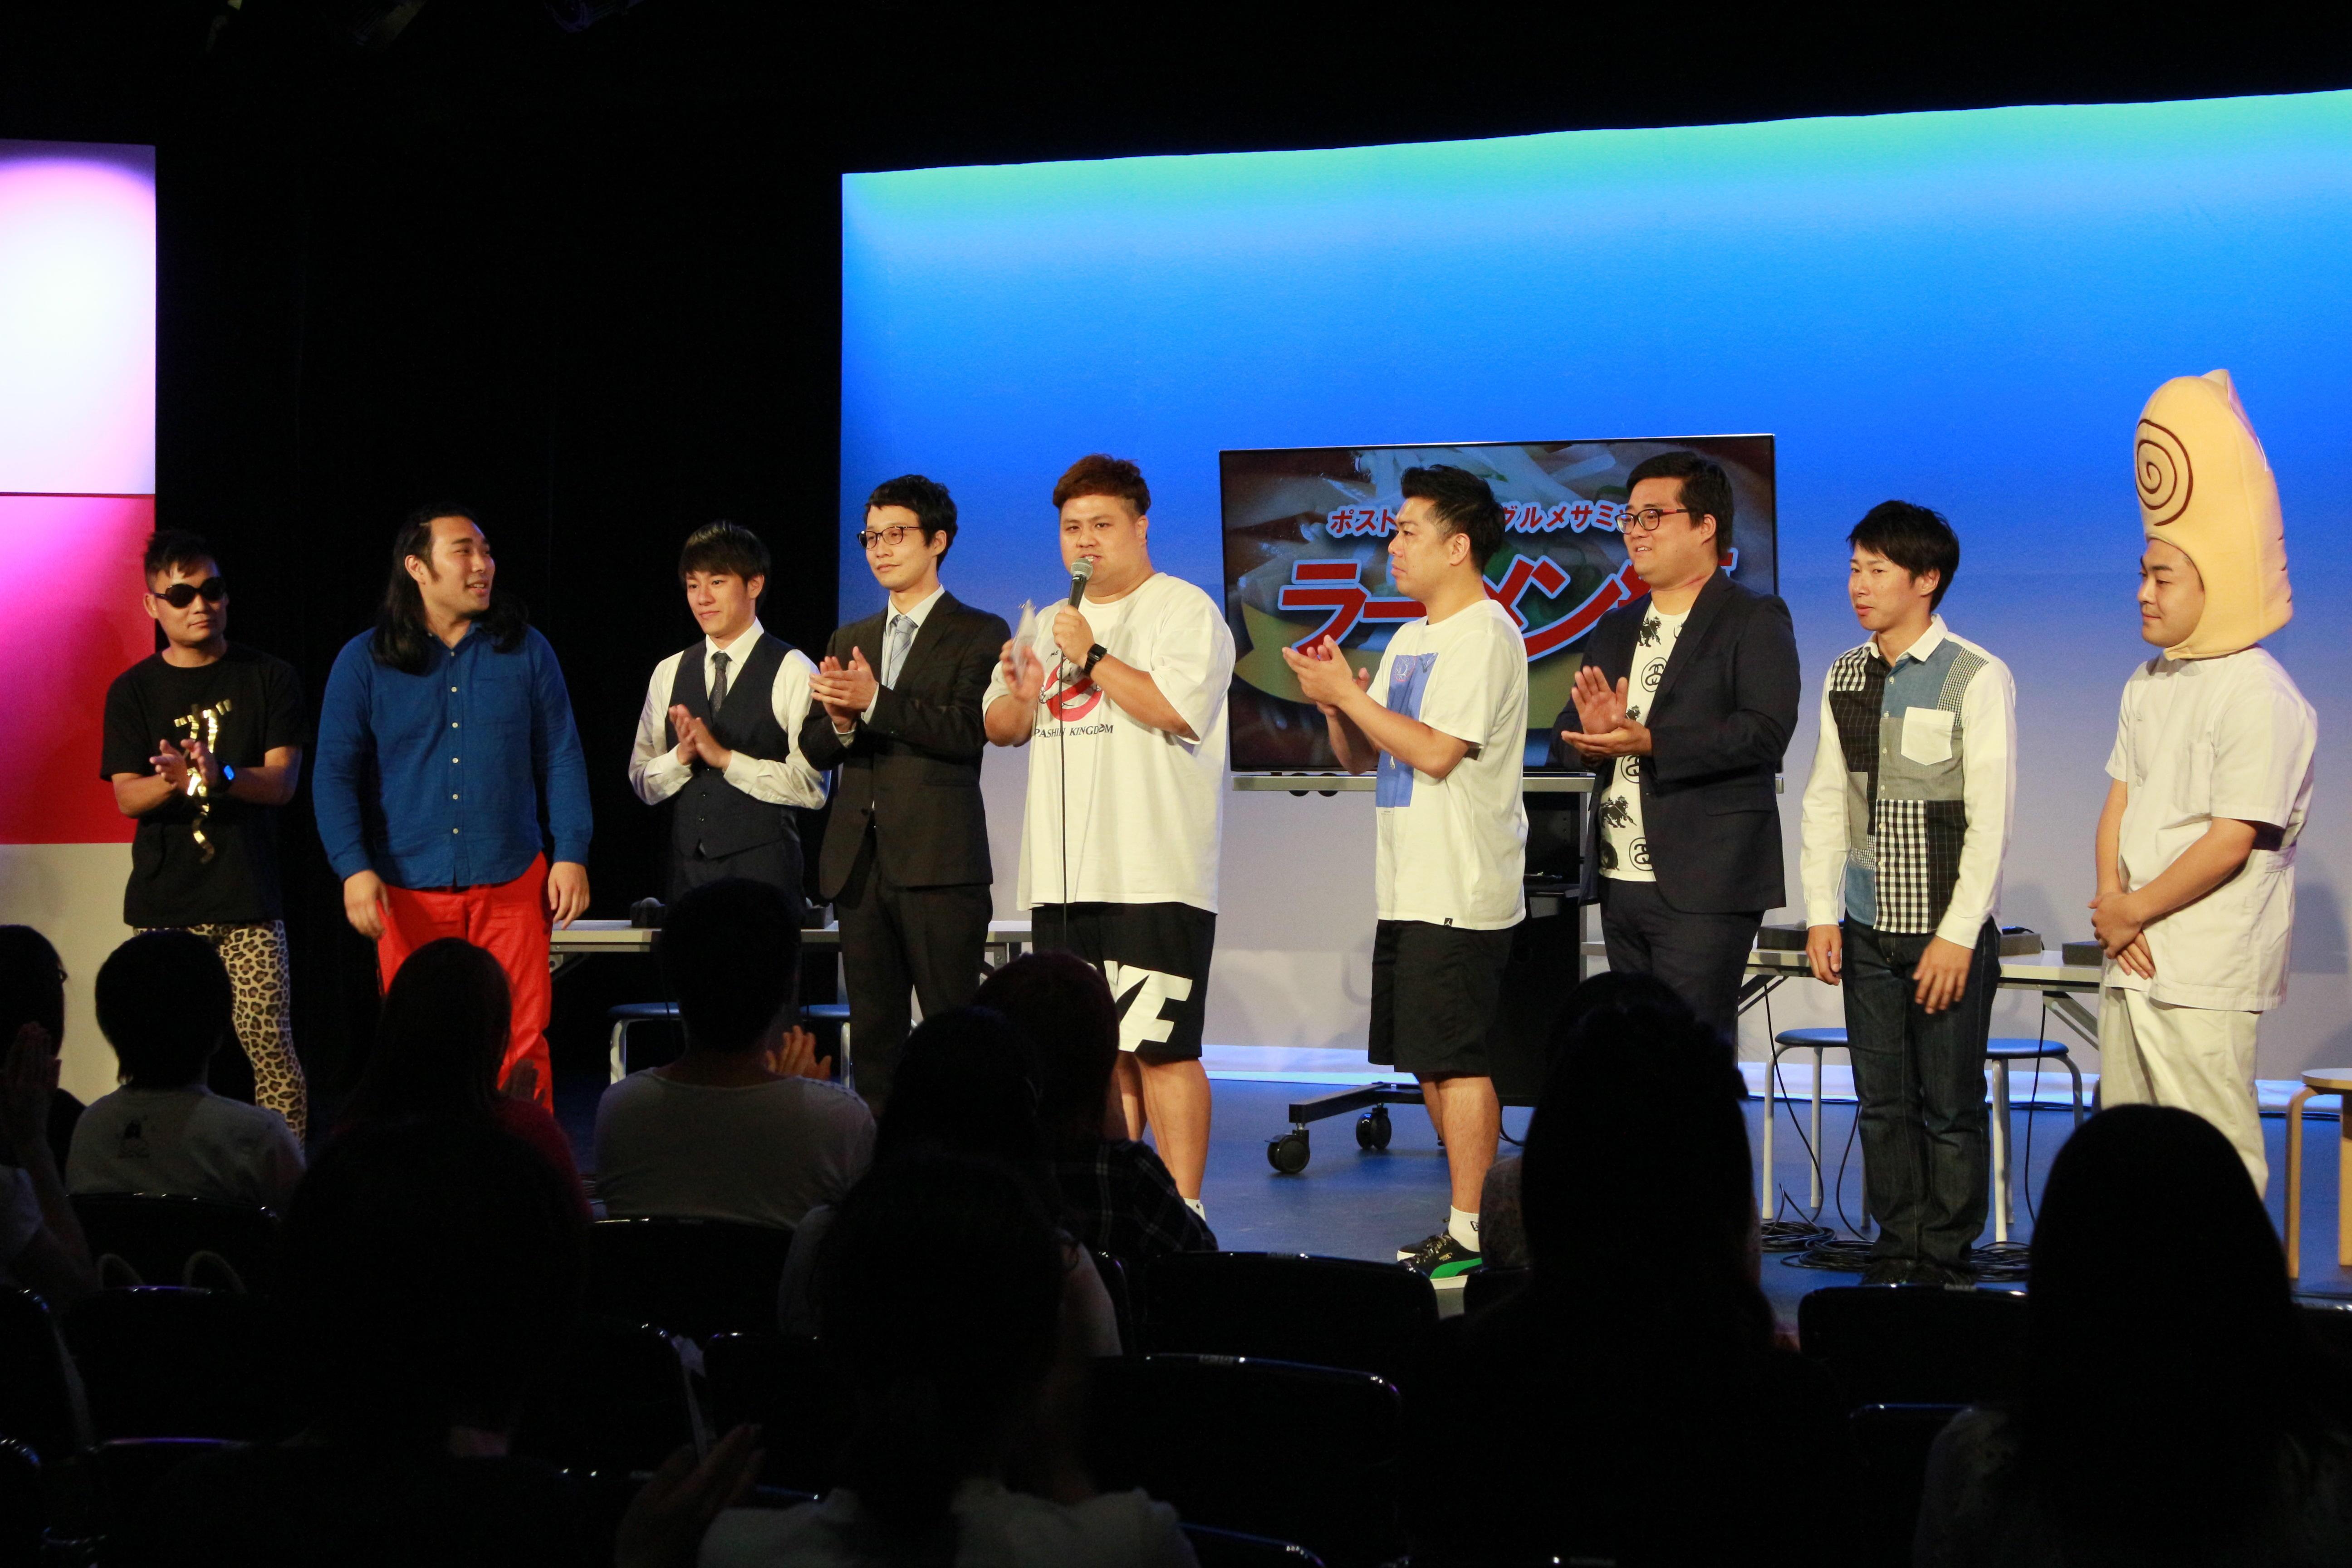 http://news.yoshimoto.co.jp/20180630023358-d6fd624971fb42b0543ae561b18f3dd3e063b351.jpg